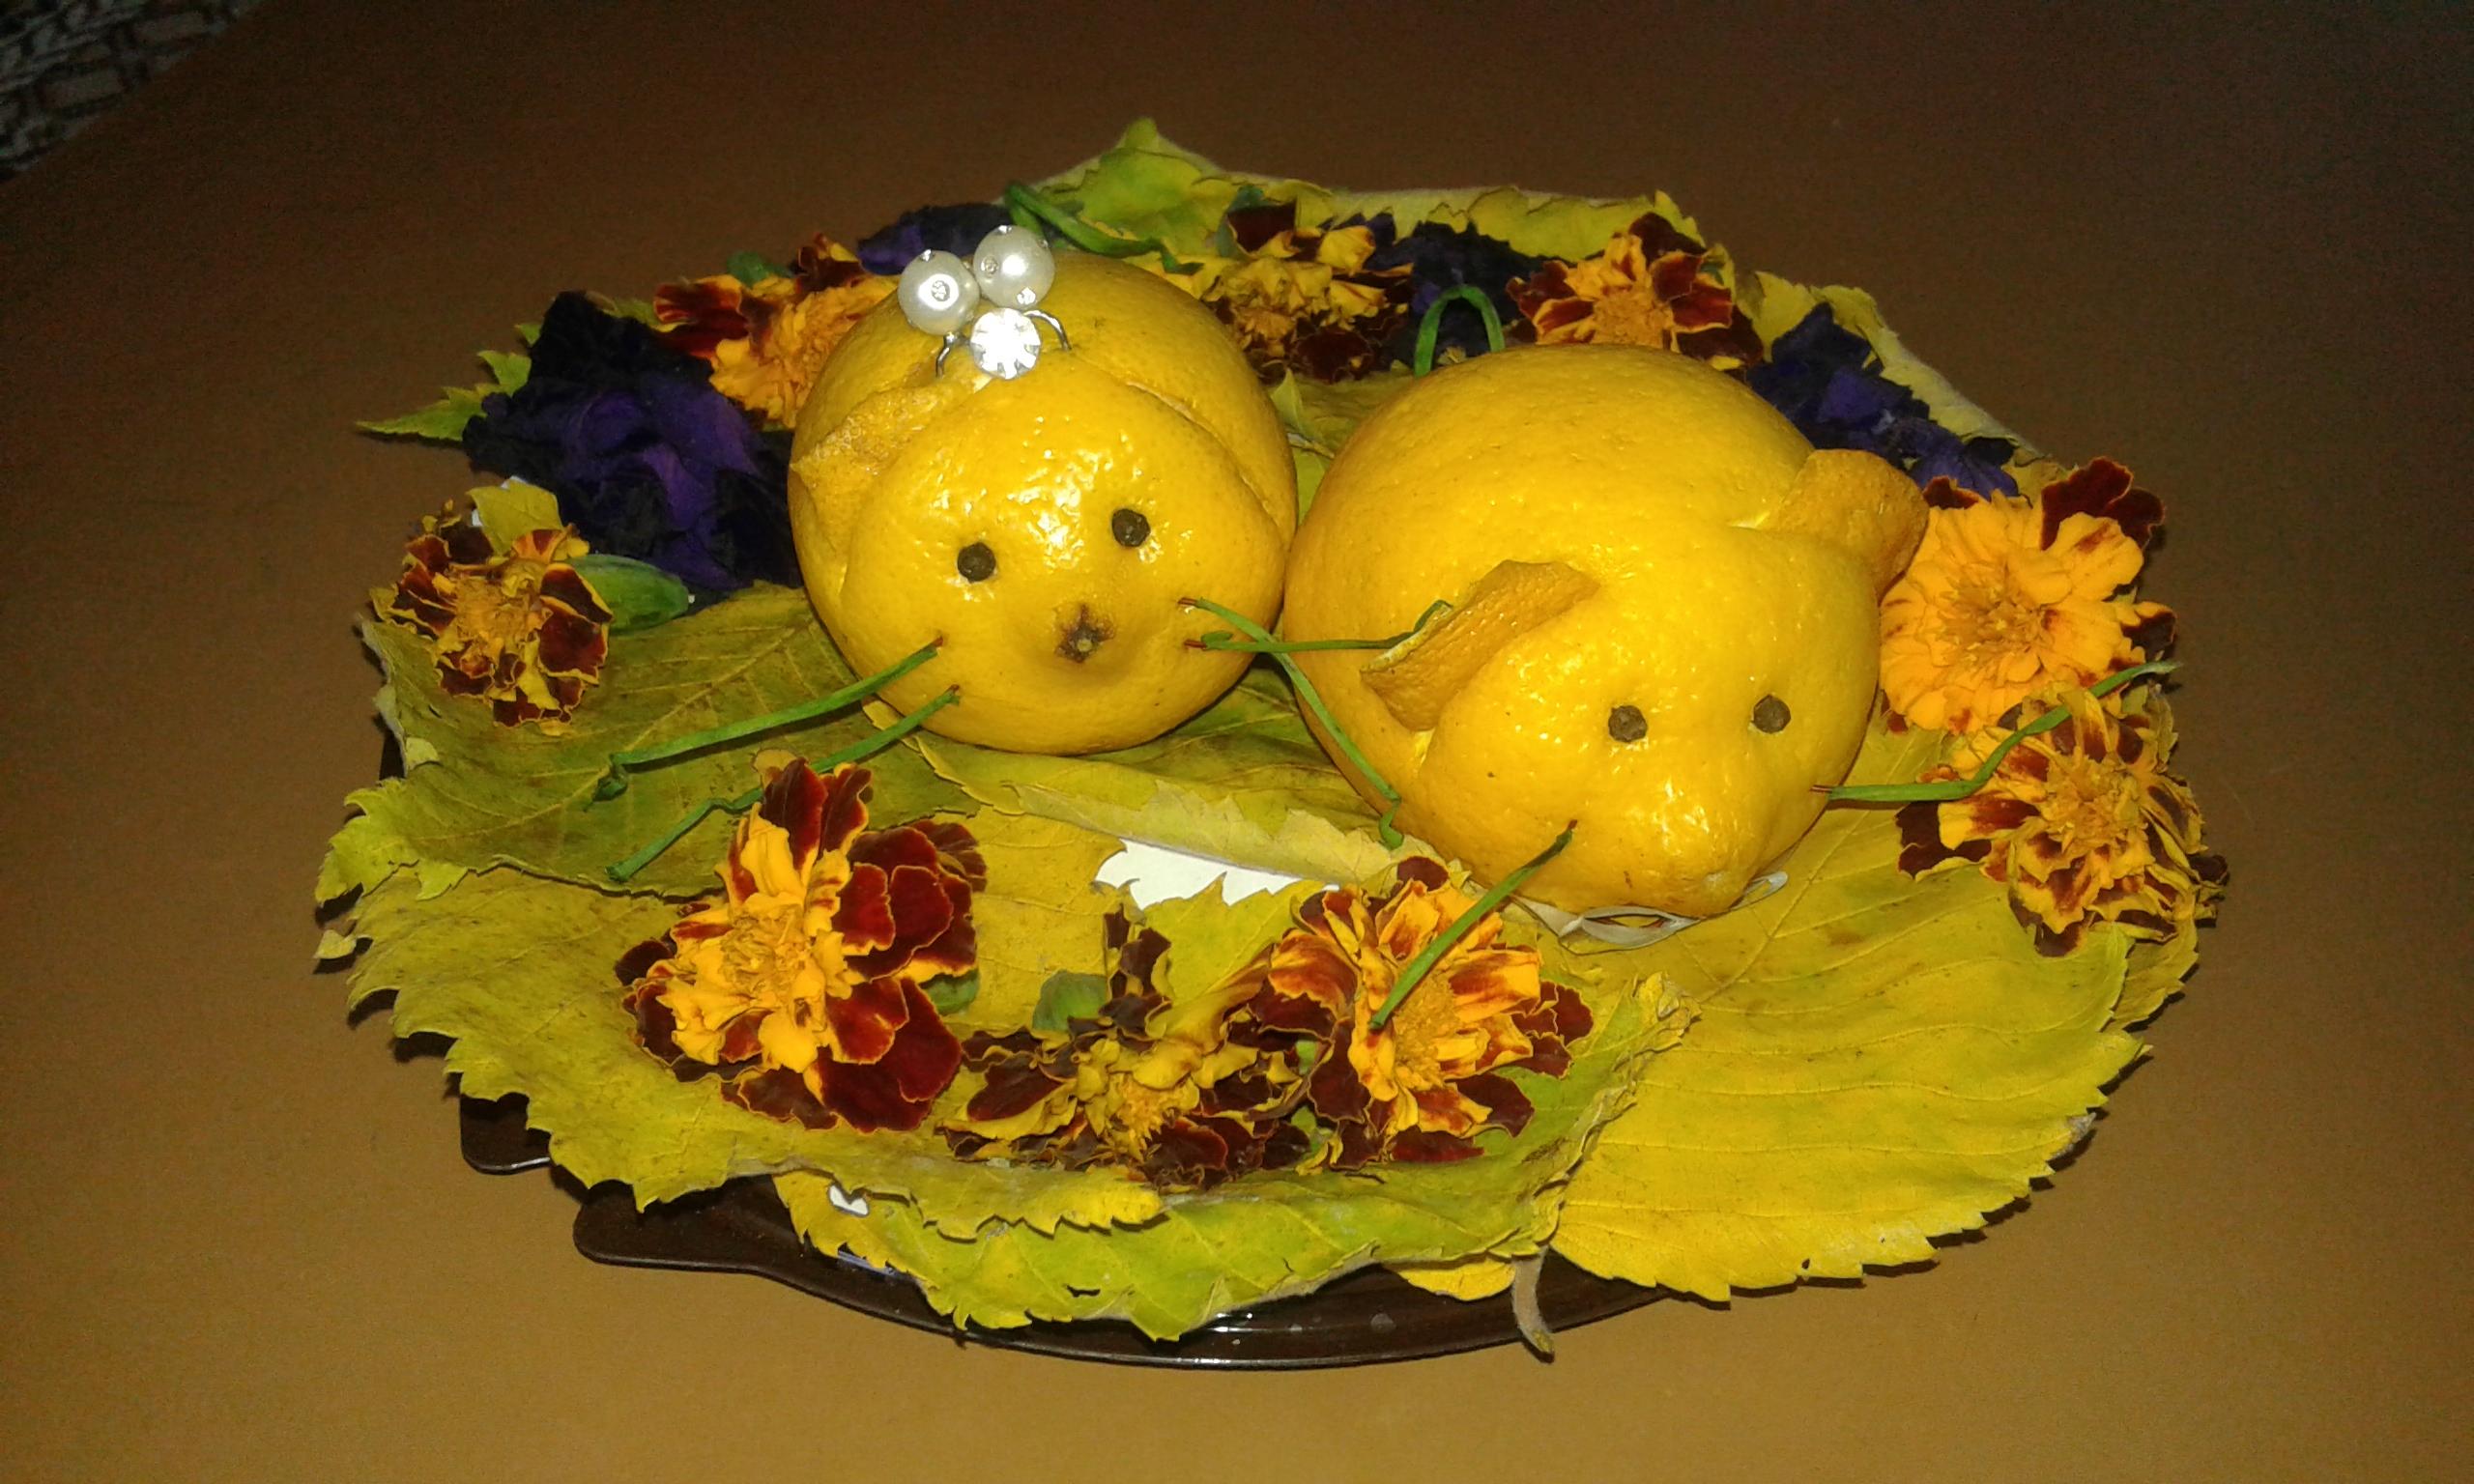 Поделка к осени своими руками золотая осень фото